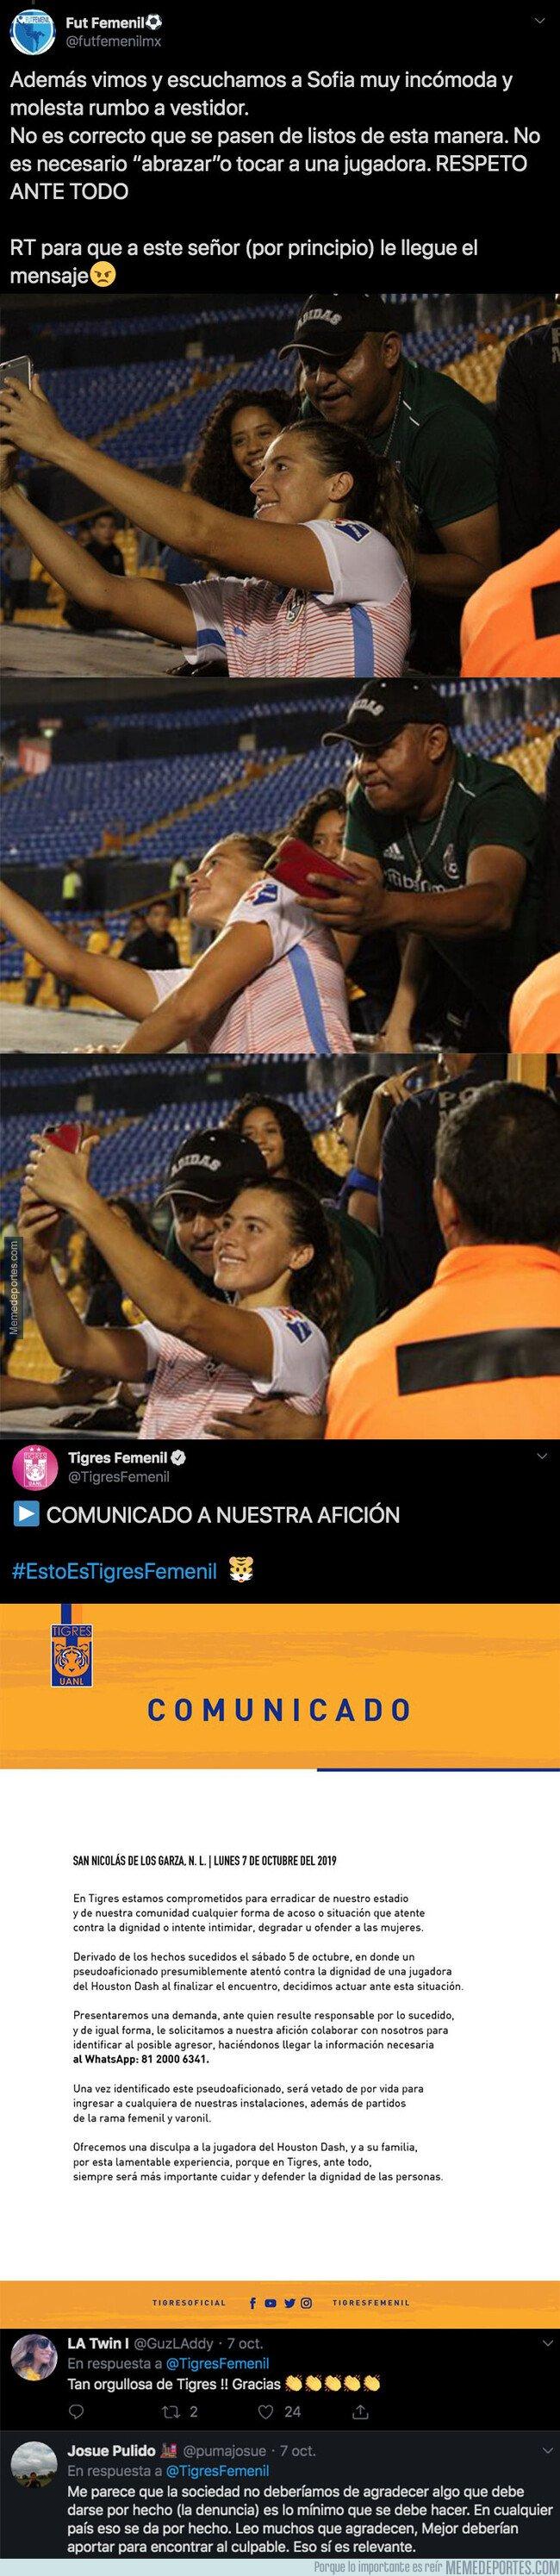 1088047 - Ojo a las fotos: Un aficionado le toca el pecho a una futbolista al hacerse un selfie